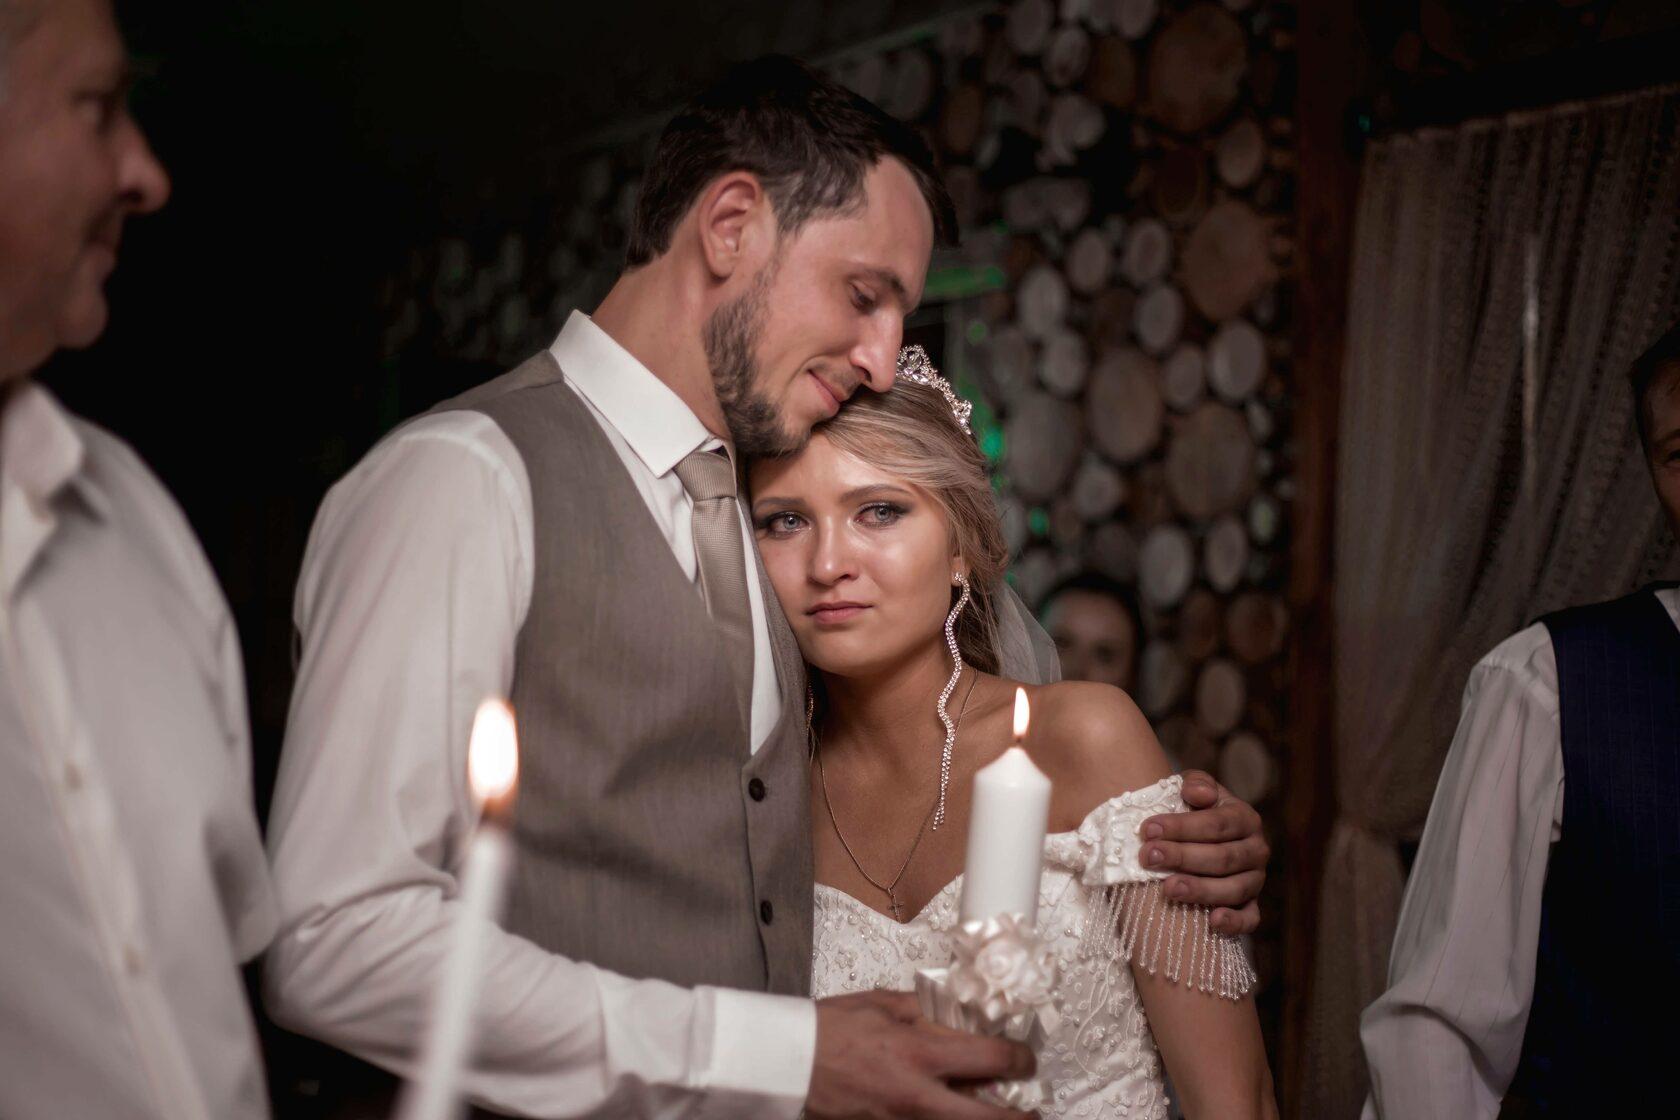 цена свадебной фотосессии Киев